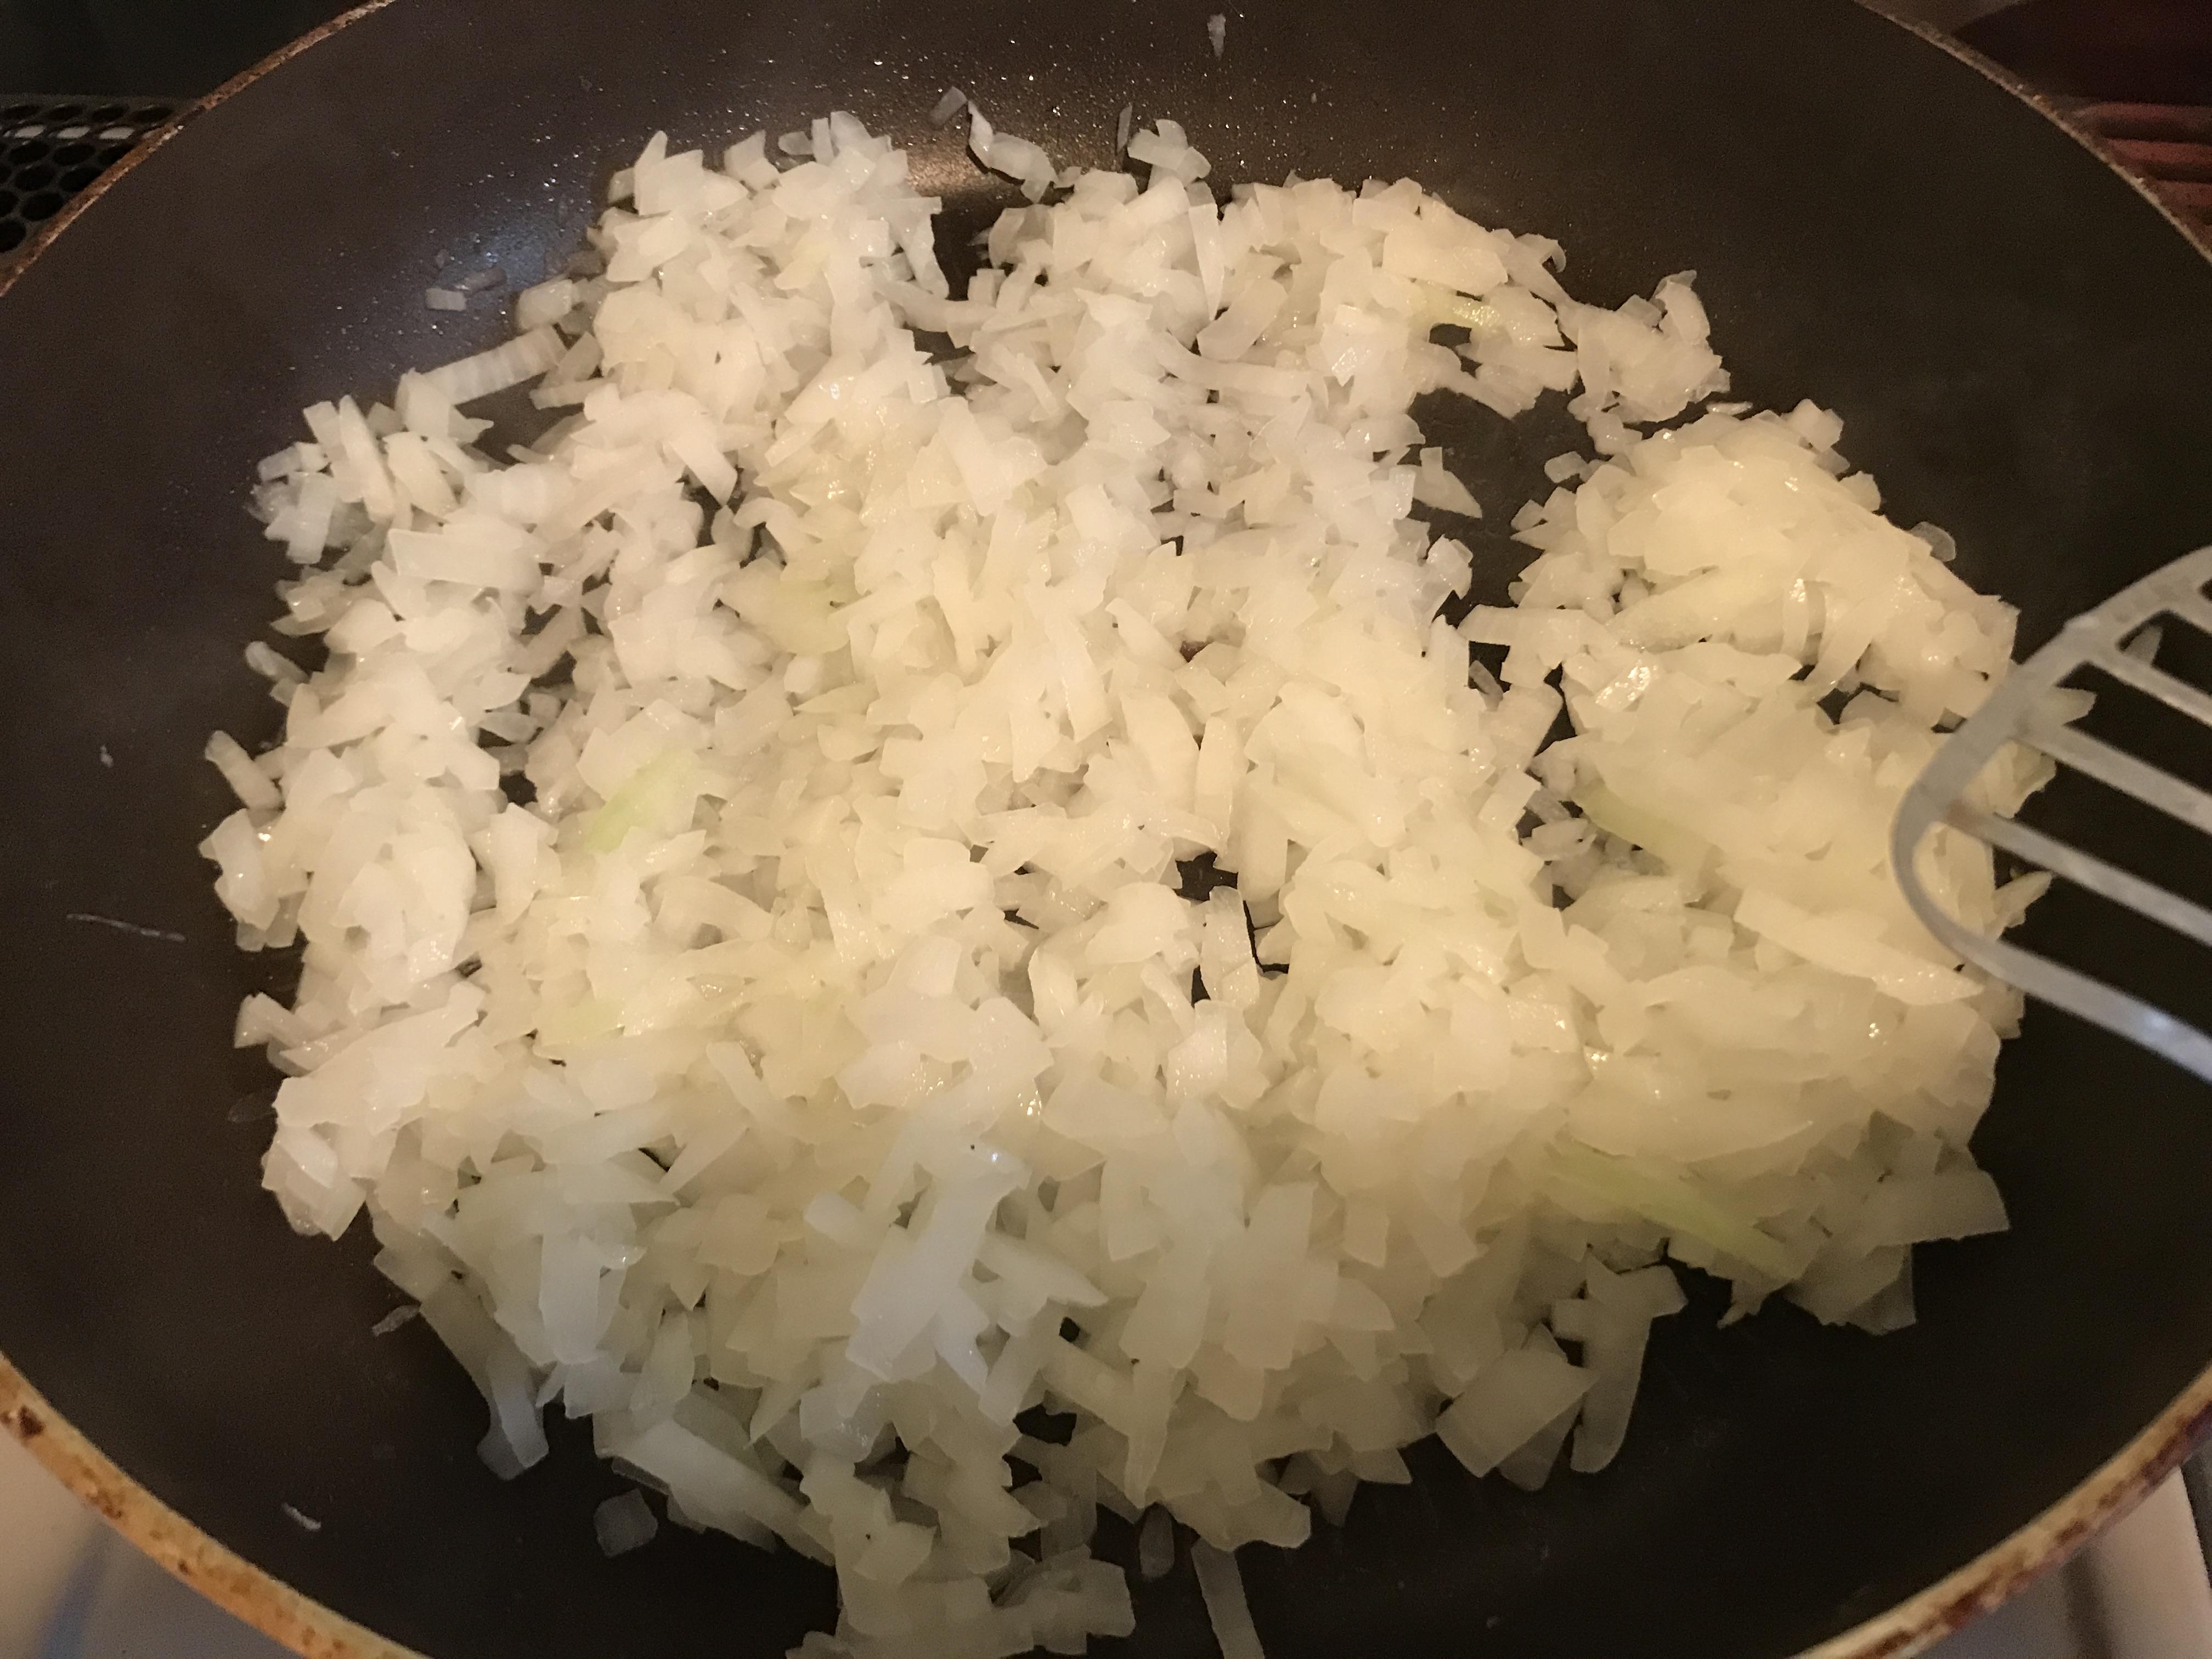 タコスミートのための玉ねぎを炒める